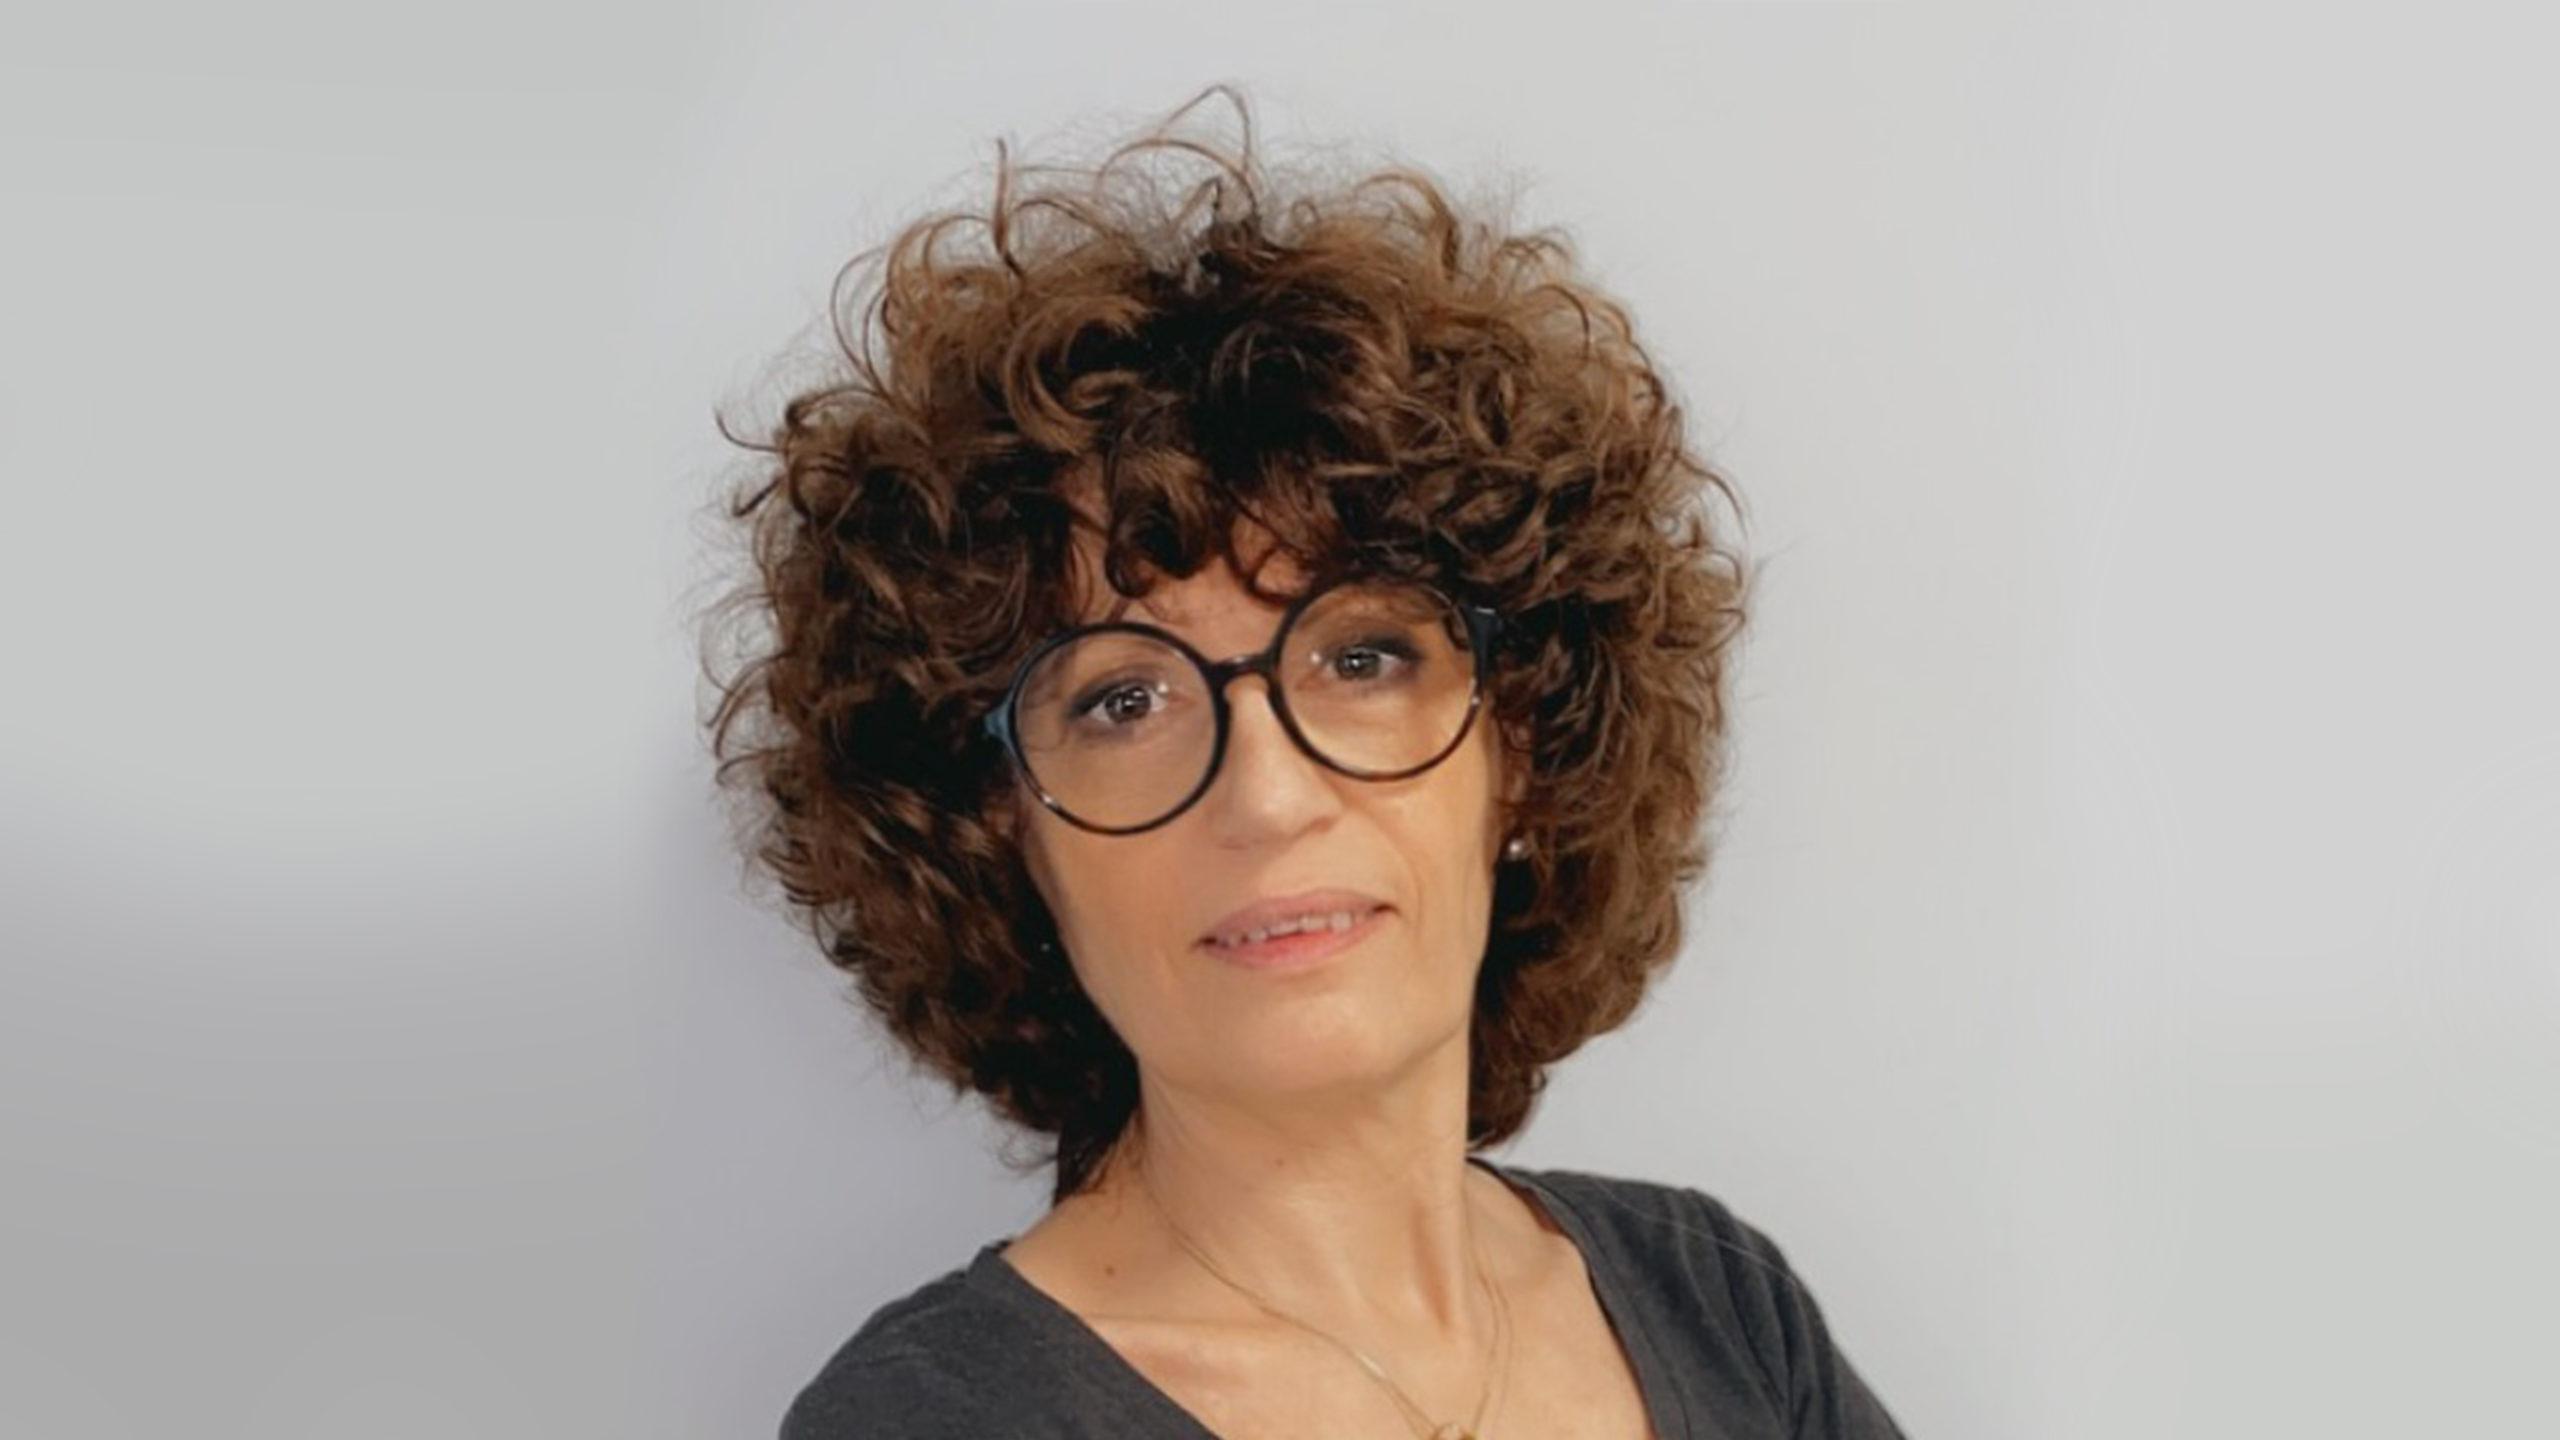 Corinne PARDO